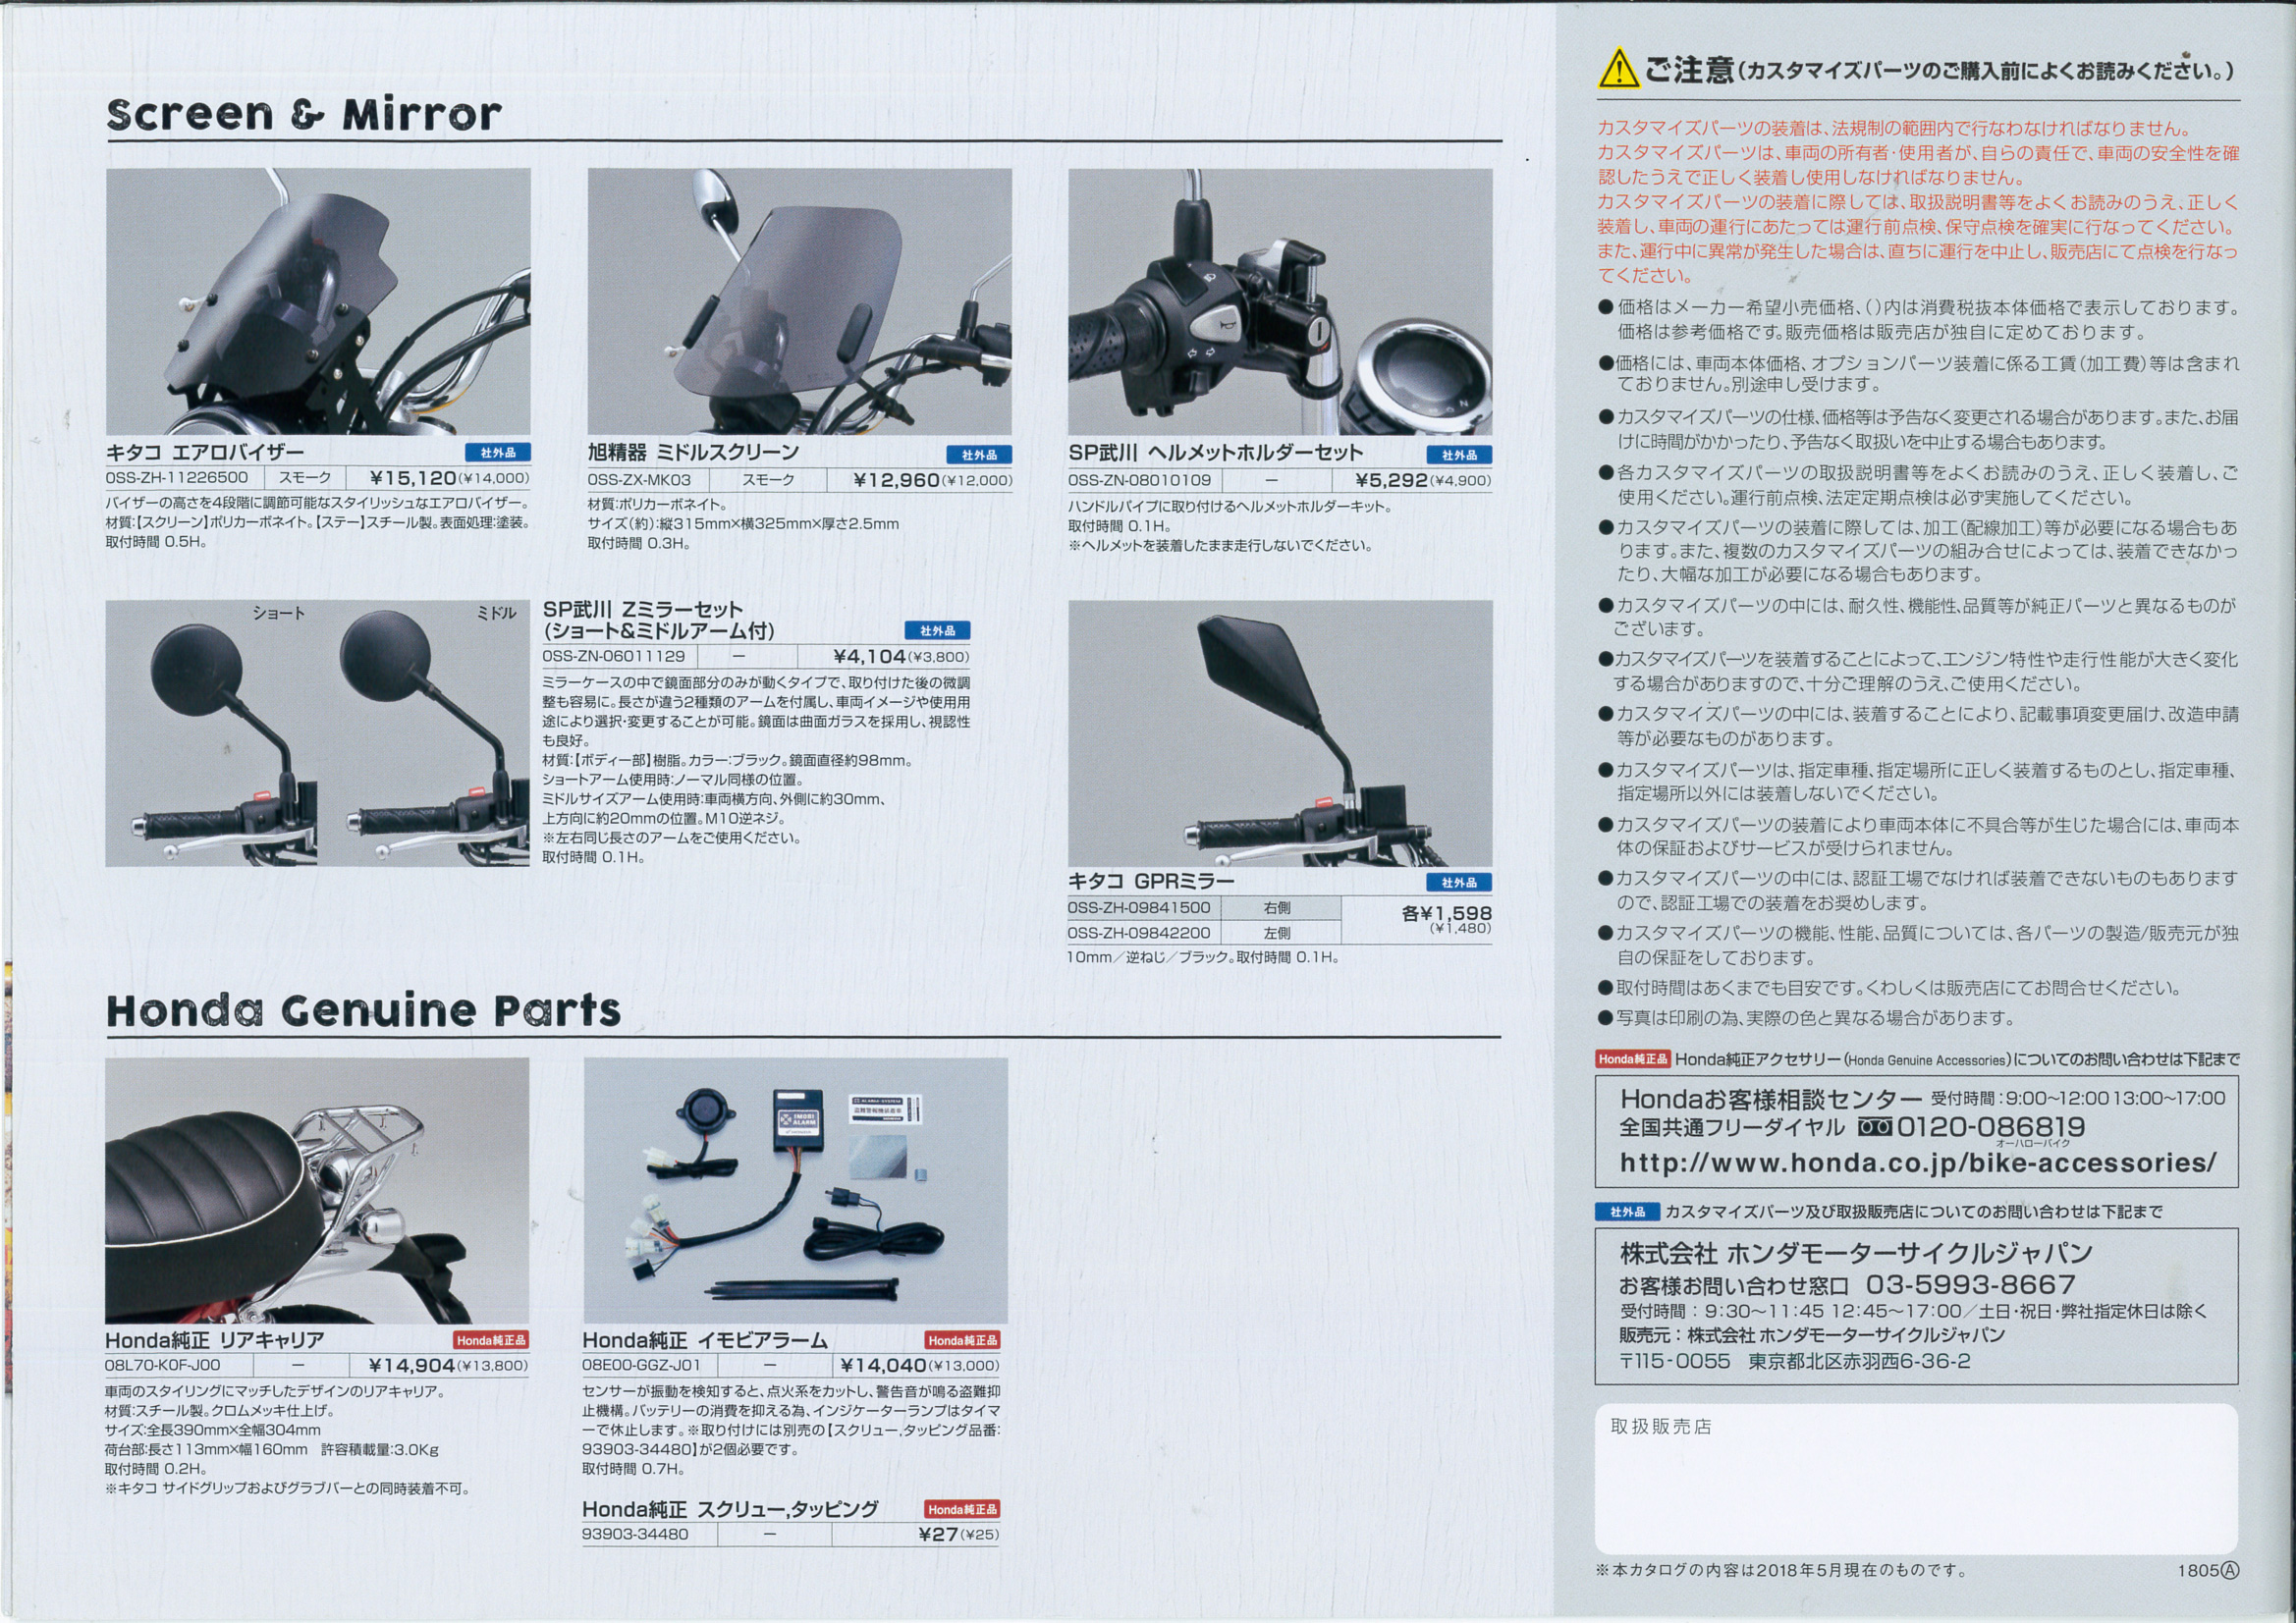 モンキー125(Monkey125) カスタムパーツ・オプションカタログ